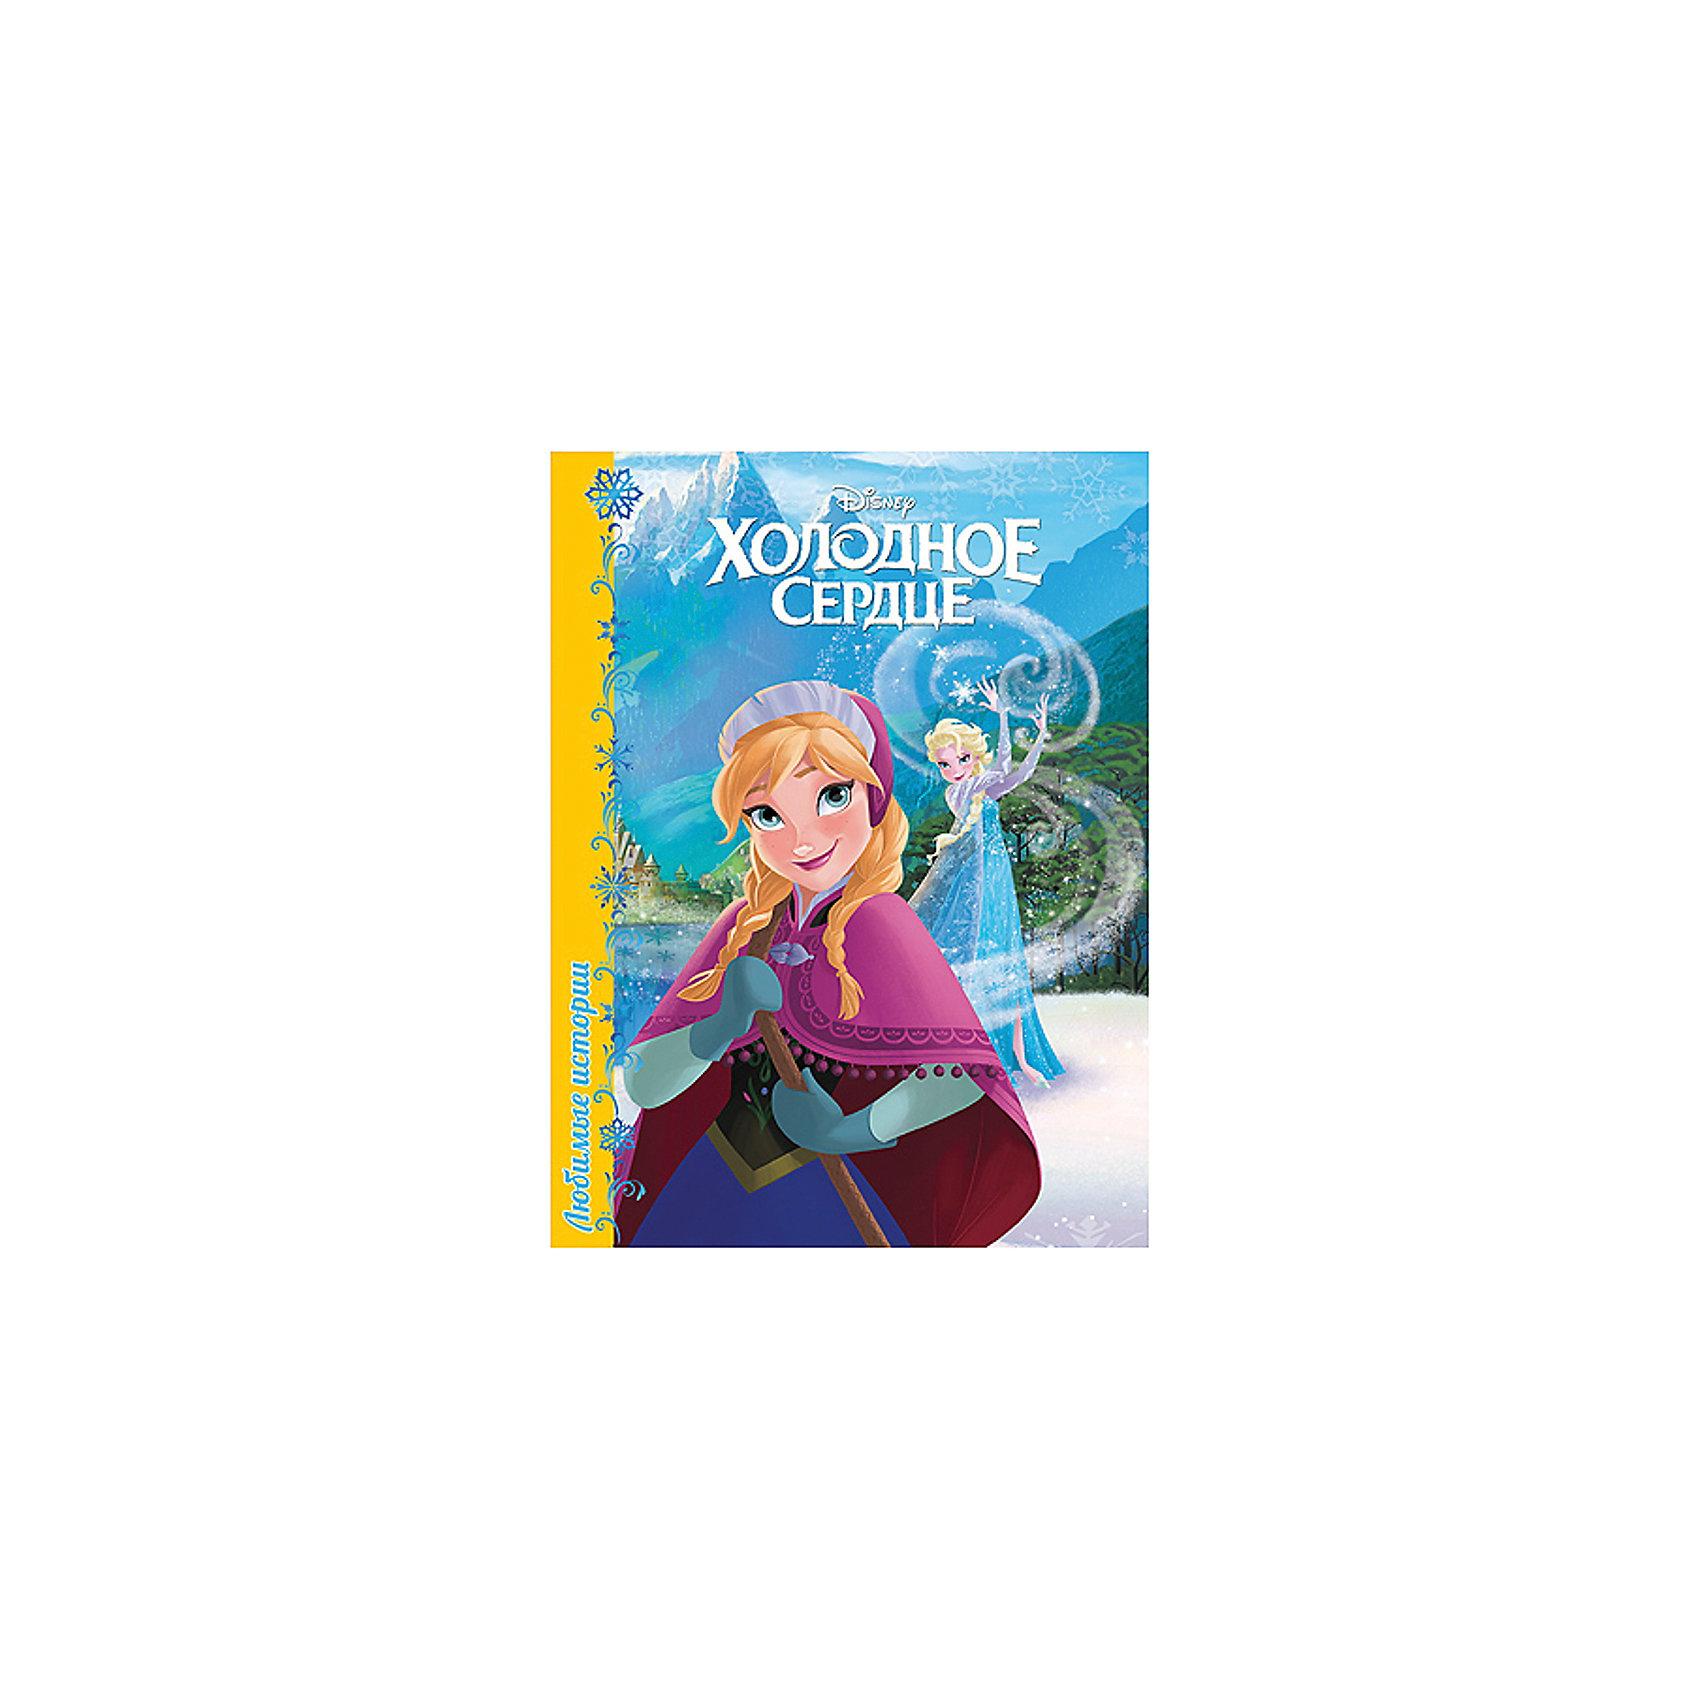 Книга Любимые истории, Холодное сердцеКнига Любимые истории, Холодное сердце - это великолепно оформленная книга с множеством красочных иллюстраций.<br>Возможно ли, попасть в сказку по-настоящему?  Конечно, ведь у тебя в руках книги Disney! Вместе с героями Холодного Сердца ты повстречаешь дружелюбного снеговика, снежного монстра, а также узнаешь, на какие чудеса способна истинная любовь! Скорее открывай книгу! Приключения начинаются! Для детей дошкольного возраста. Для чтения взрослыми детям.<br><br>Дополнительная информация:<br><br>- Издательство: Проф-Пресс<br>- Серия: Disney. Любимые истории<br>- Тип обложки:  картонная обложка, картонные страницы<br>- Иллюстрации: цветные<br>- Количество страниц: 8 (картон)<br>- Размер: 160x50x220 мм.<br>- Вес: 140 гр.<br><br>Книгу Любимые истории, Холодное сердце можно купить в нашем интернет-магазине.<br><br>Ширина мм: 160<br>Глубина мм: 50<br>Высота мм: 220<br>Вес г: 140<br>Возраст от месяцев: 36<br>Возраст до месяцев: 72<br>Пол: Унисекс<br>Возраст: Детский<br>SKU: 4160582